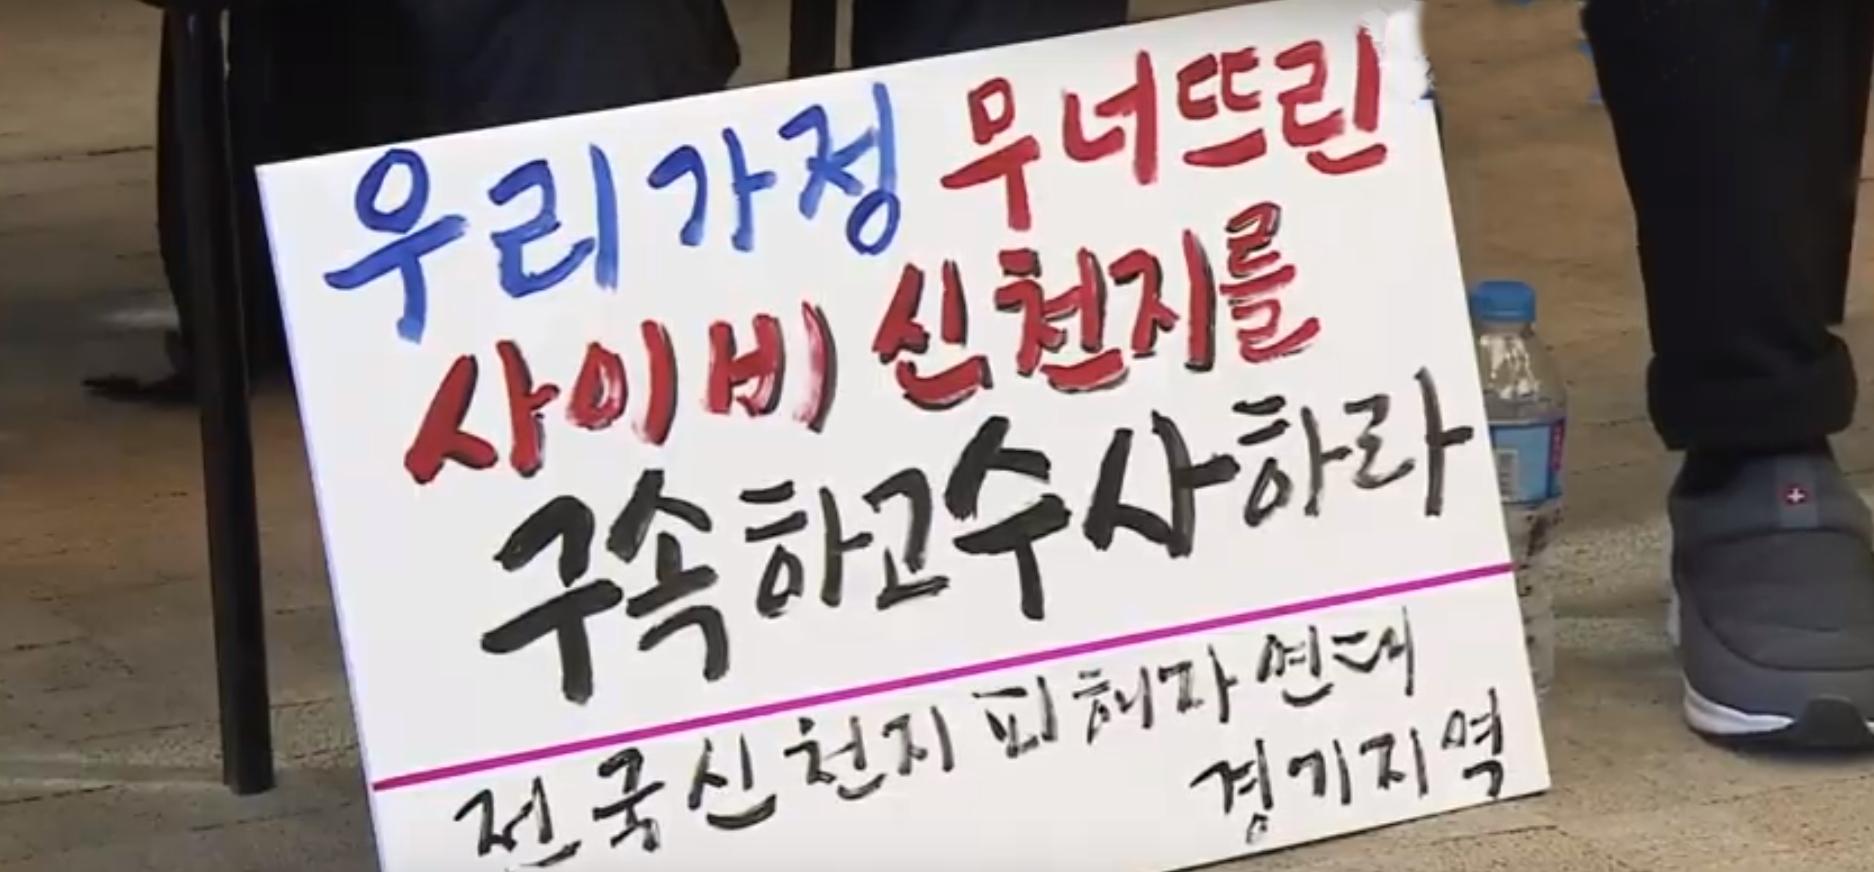 [기획] 청춘반환소송, 신천지 포교에 제동 걸 기회